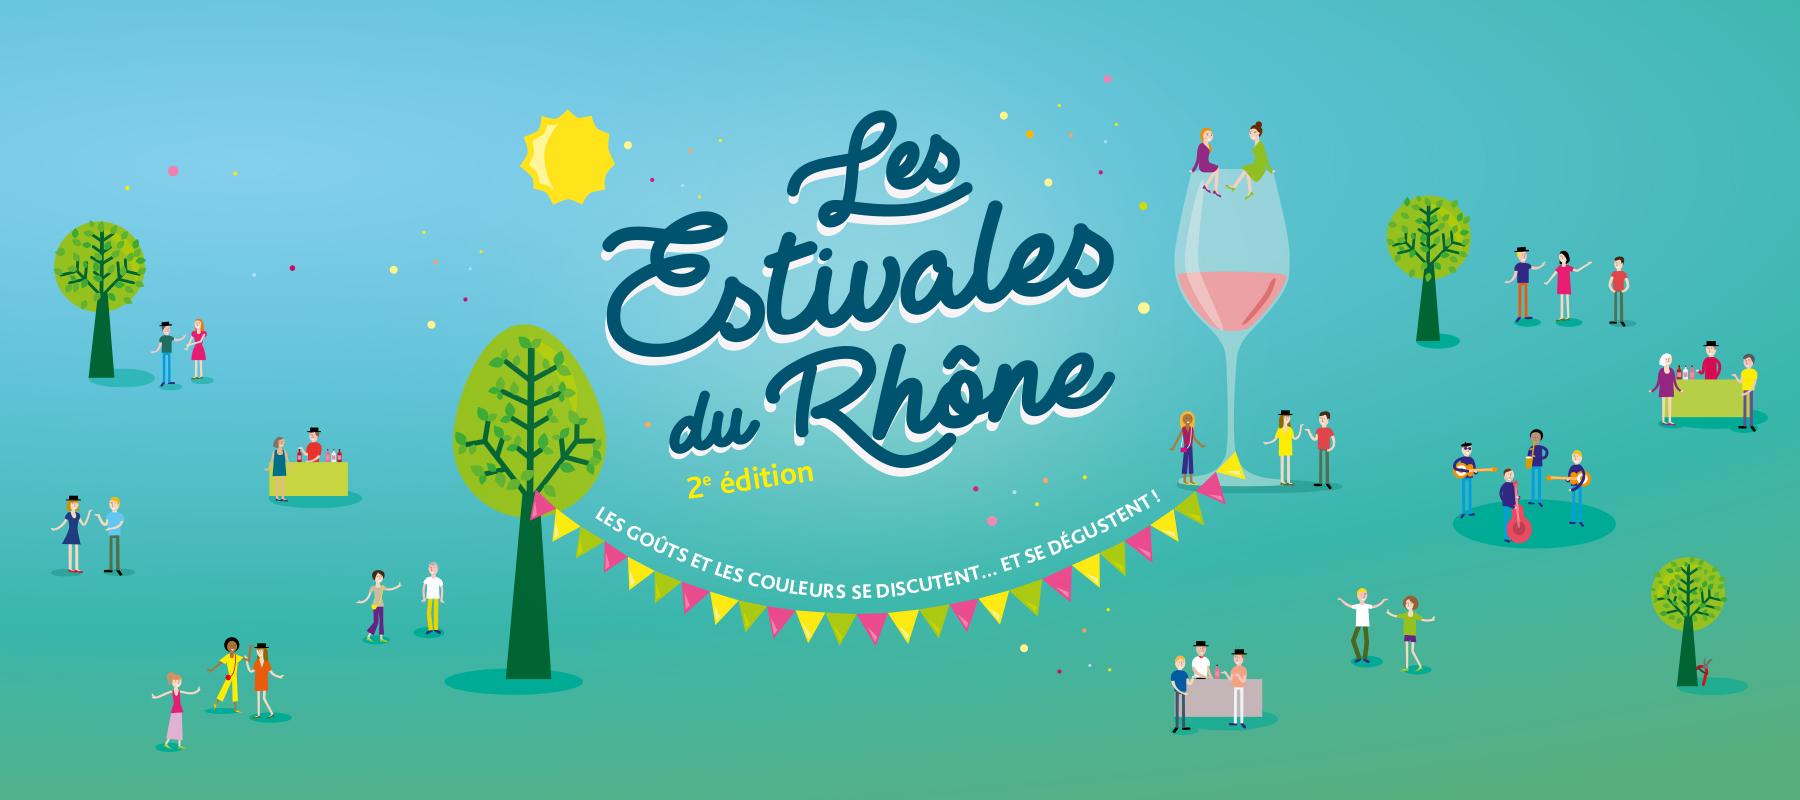 Les Estivales du Rhône 2e édition